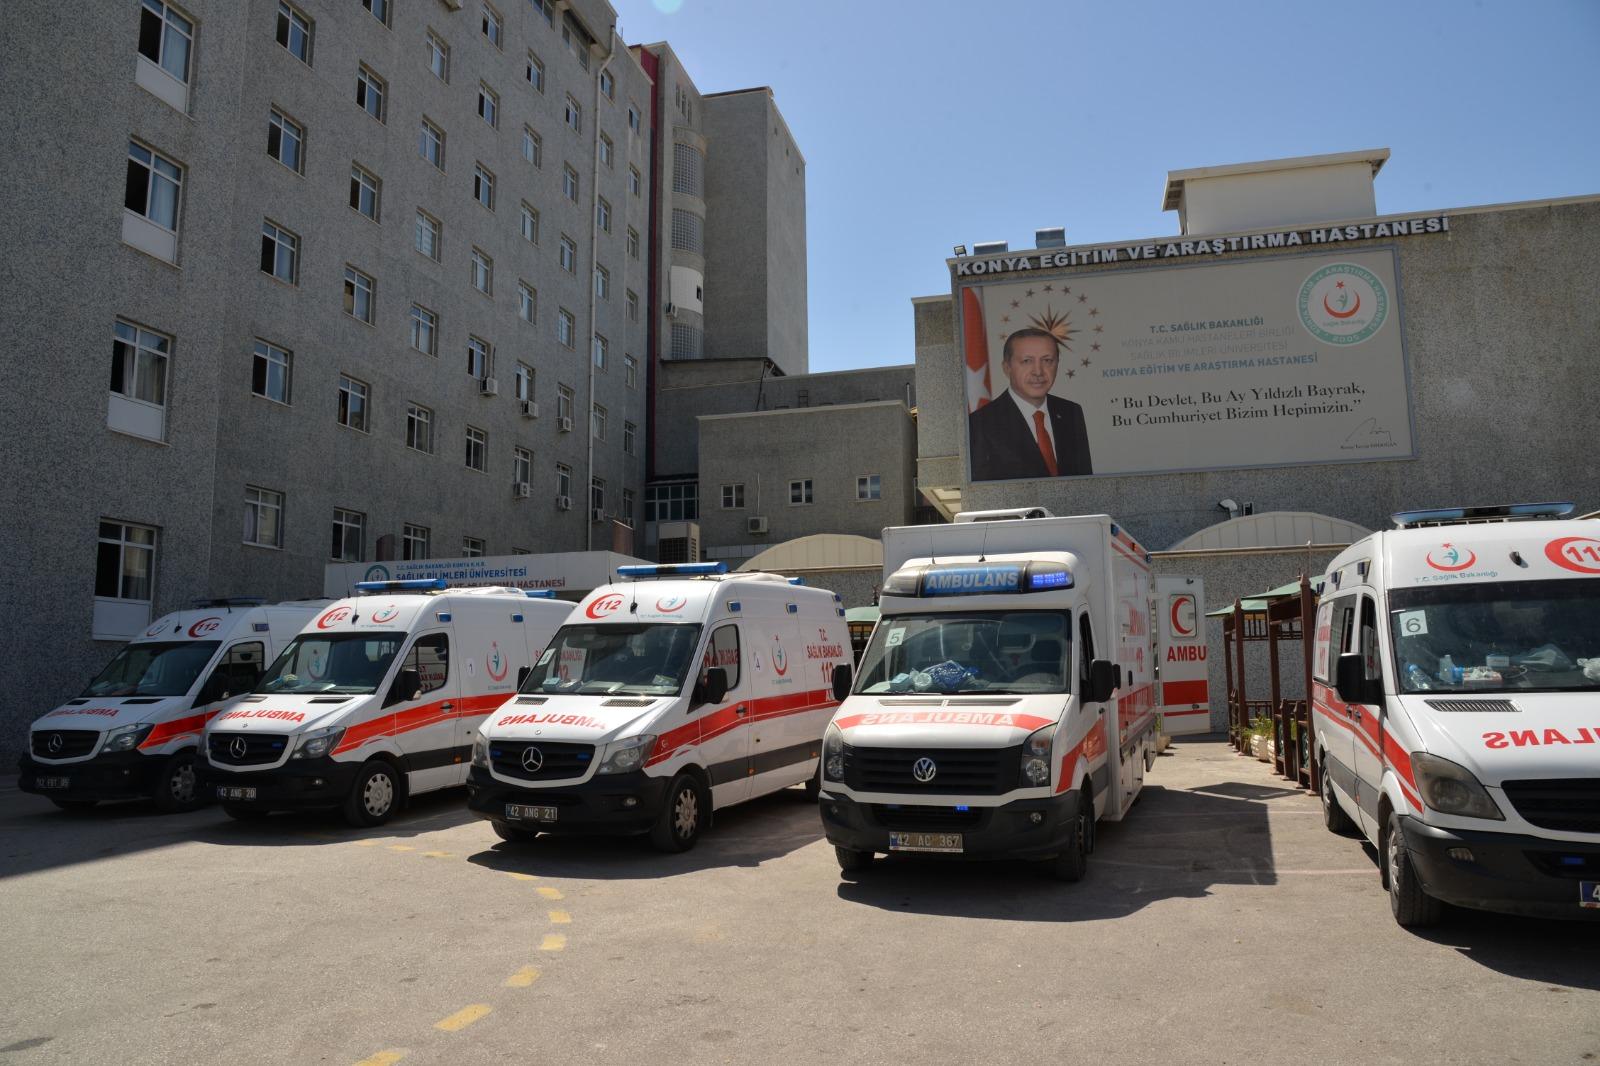 egitim-arastirma-hastanesi-sehir-hastanesine-tasindi.jpg